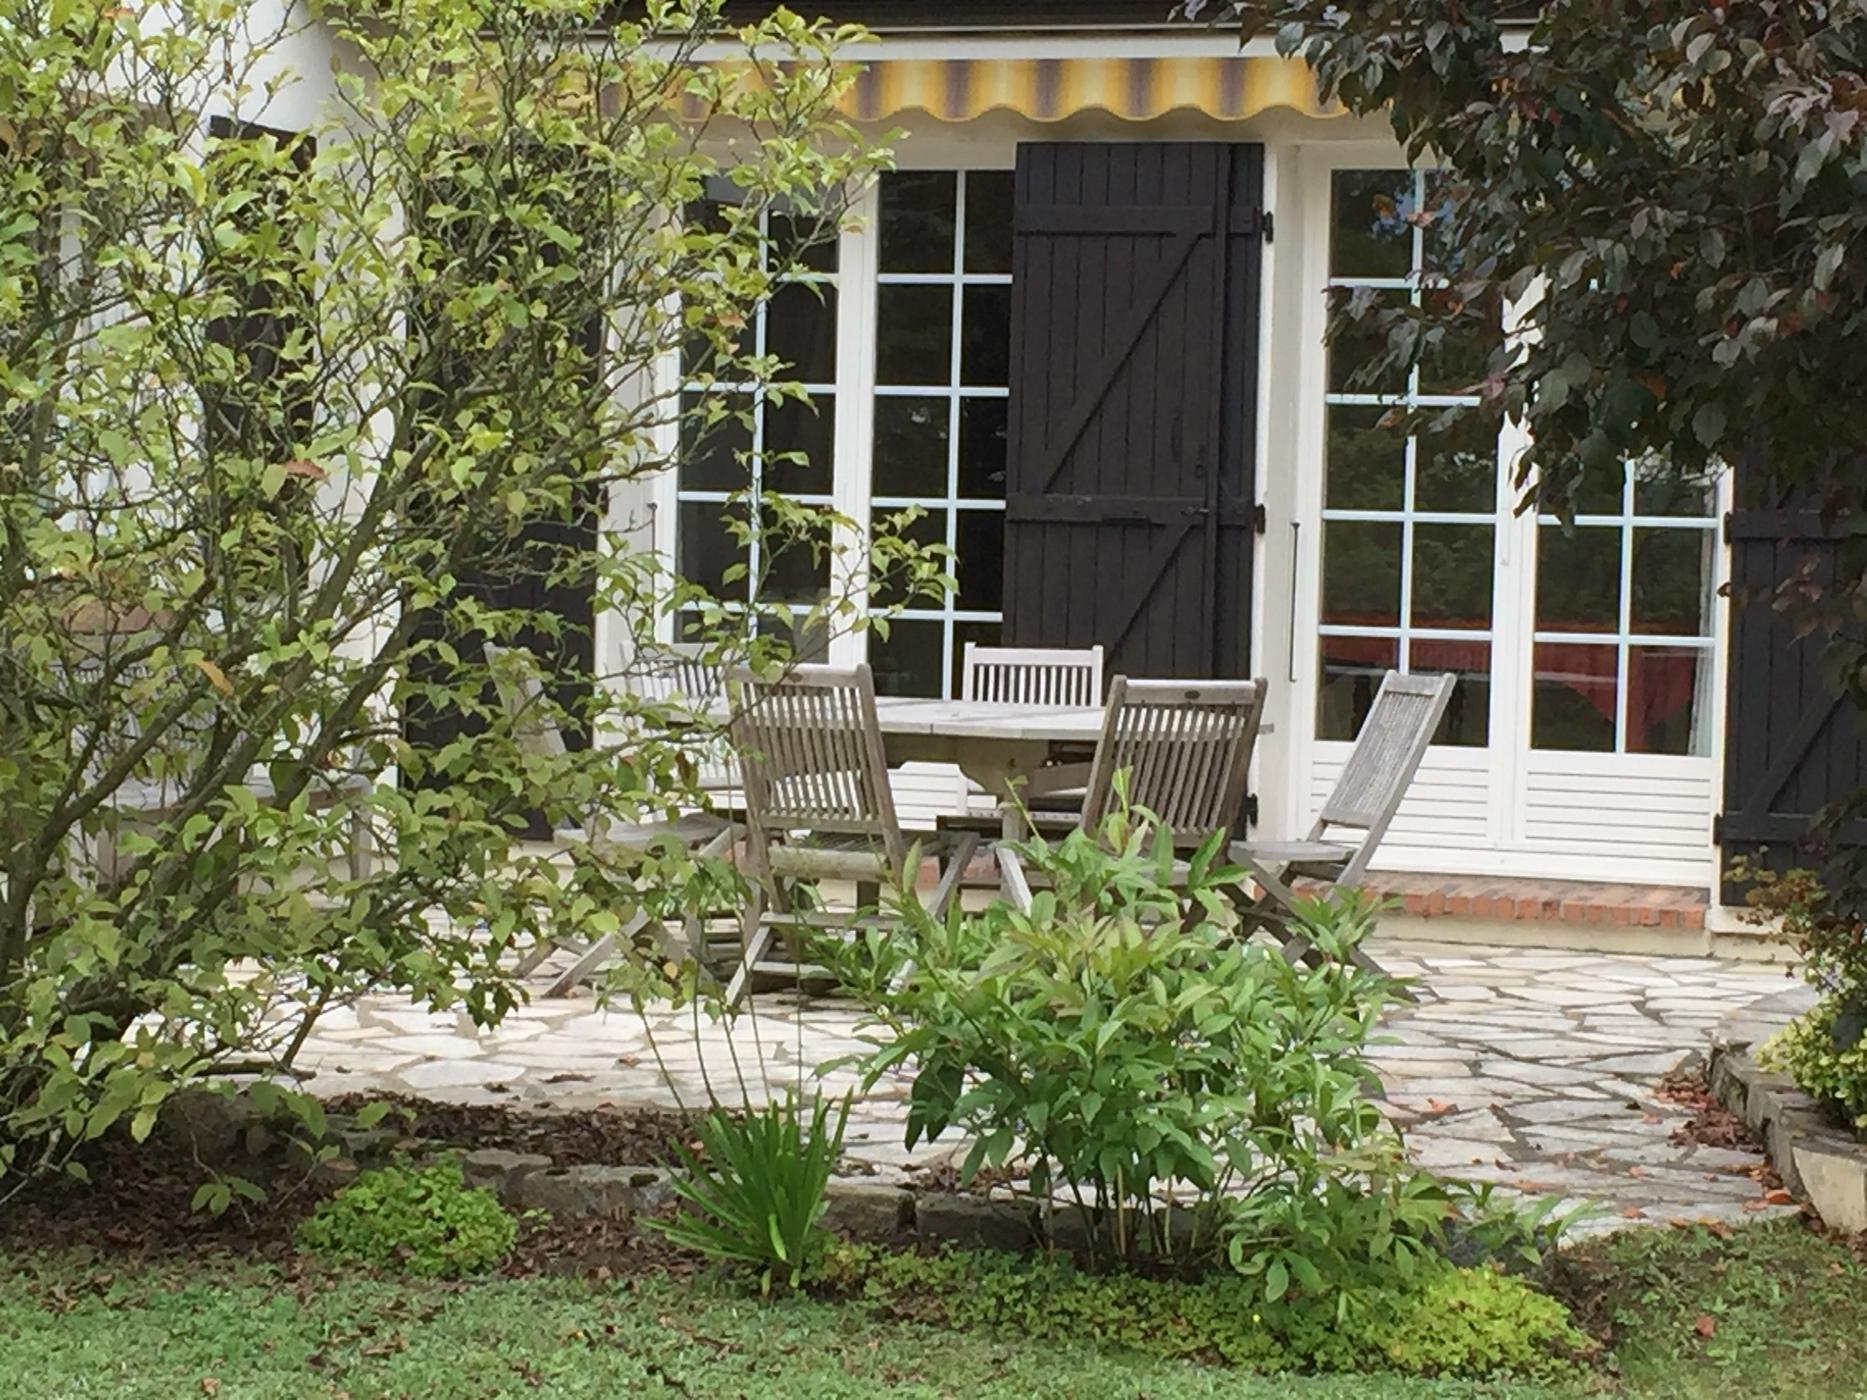 Acheter vente d 39 une maison contemporaine aux beaux volumes for Acheter une maison ouaga 2000